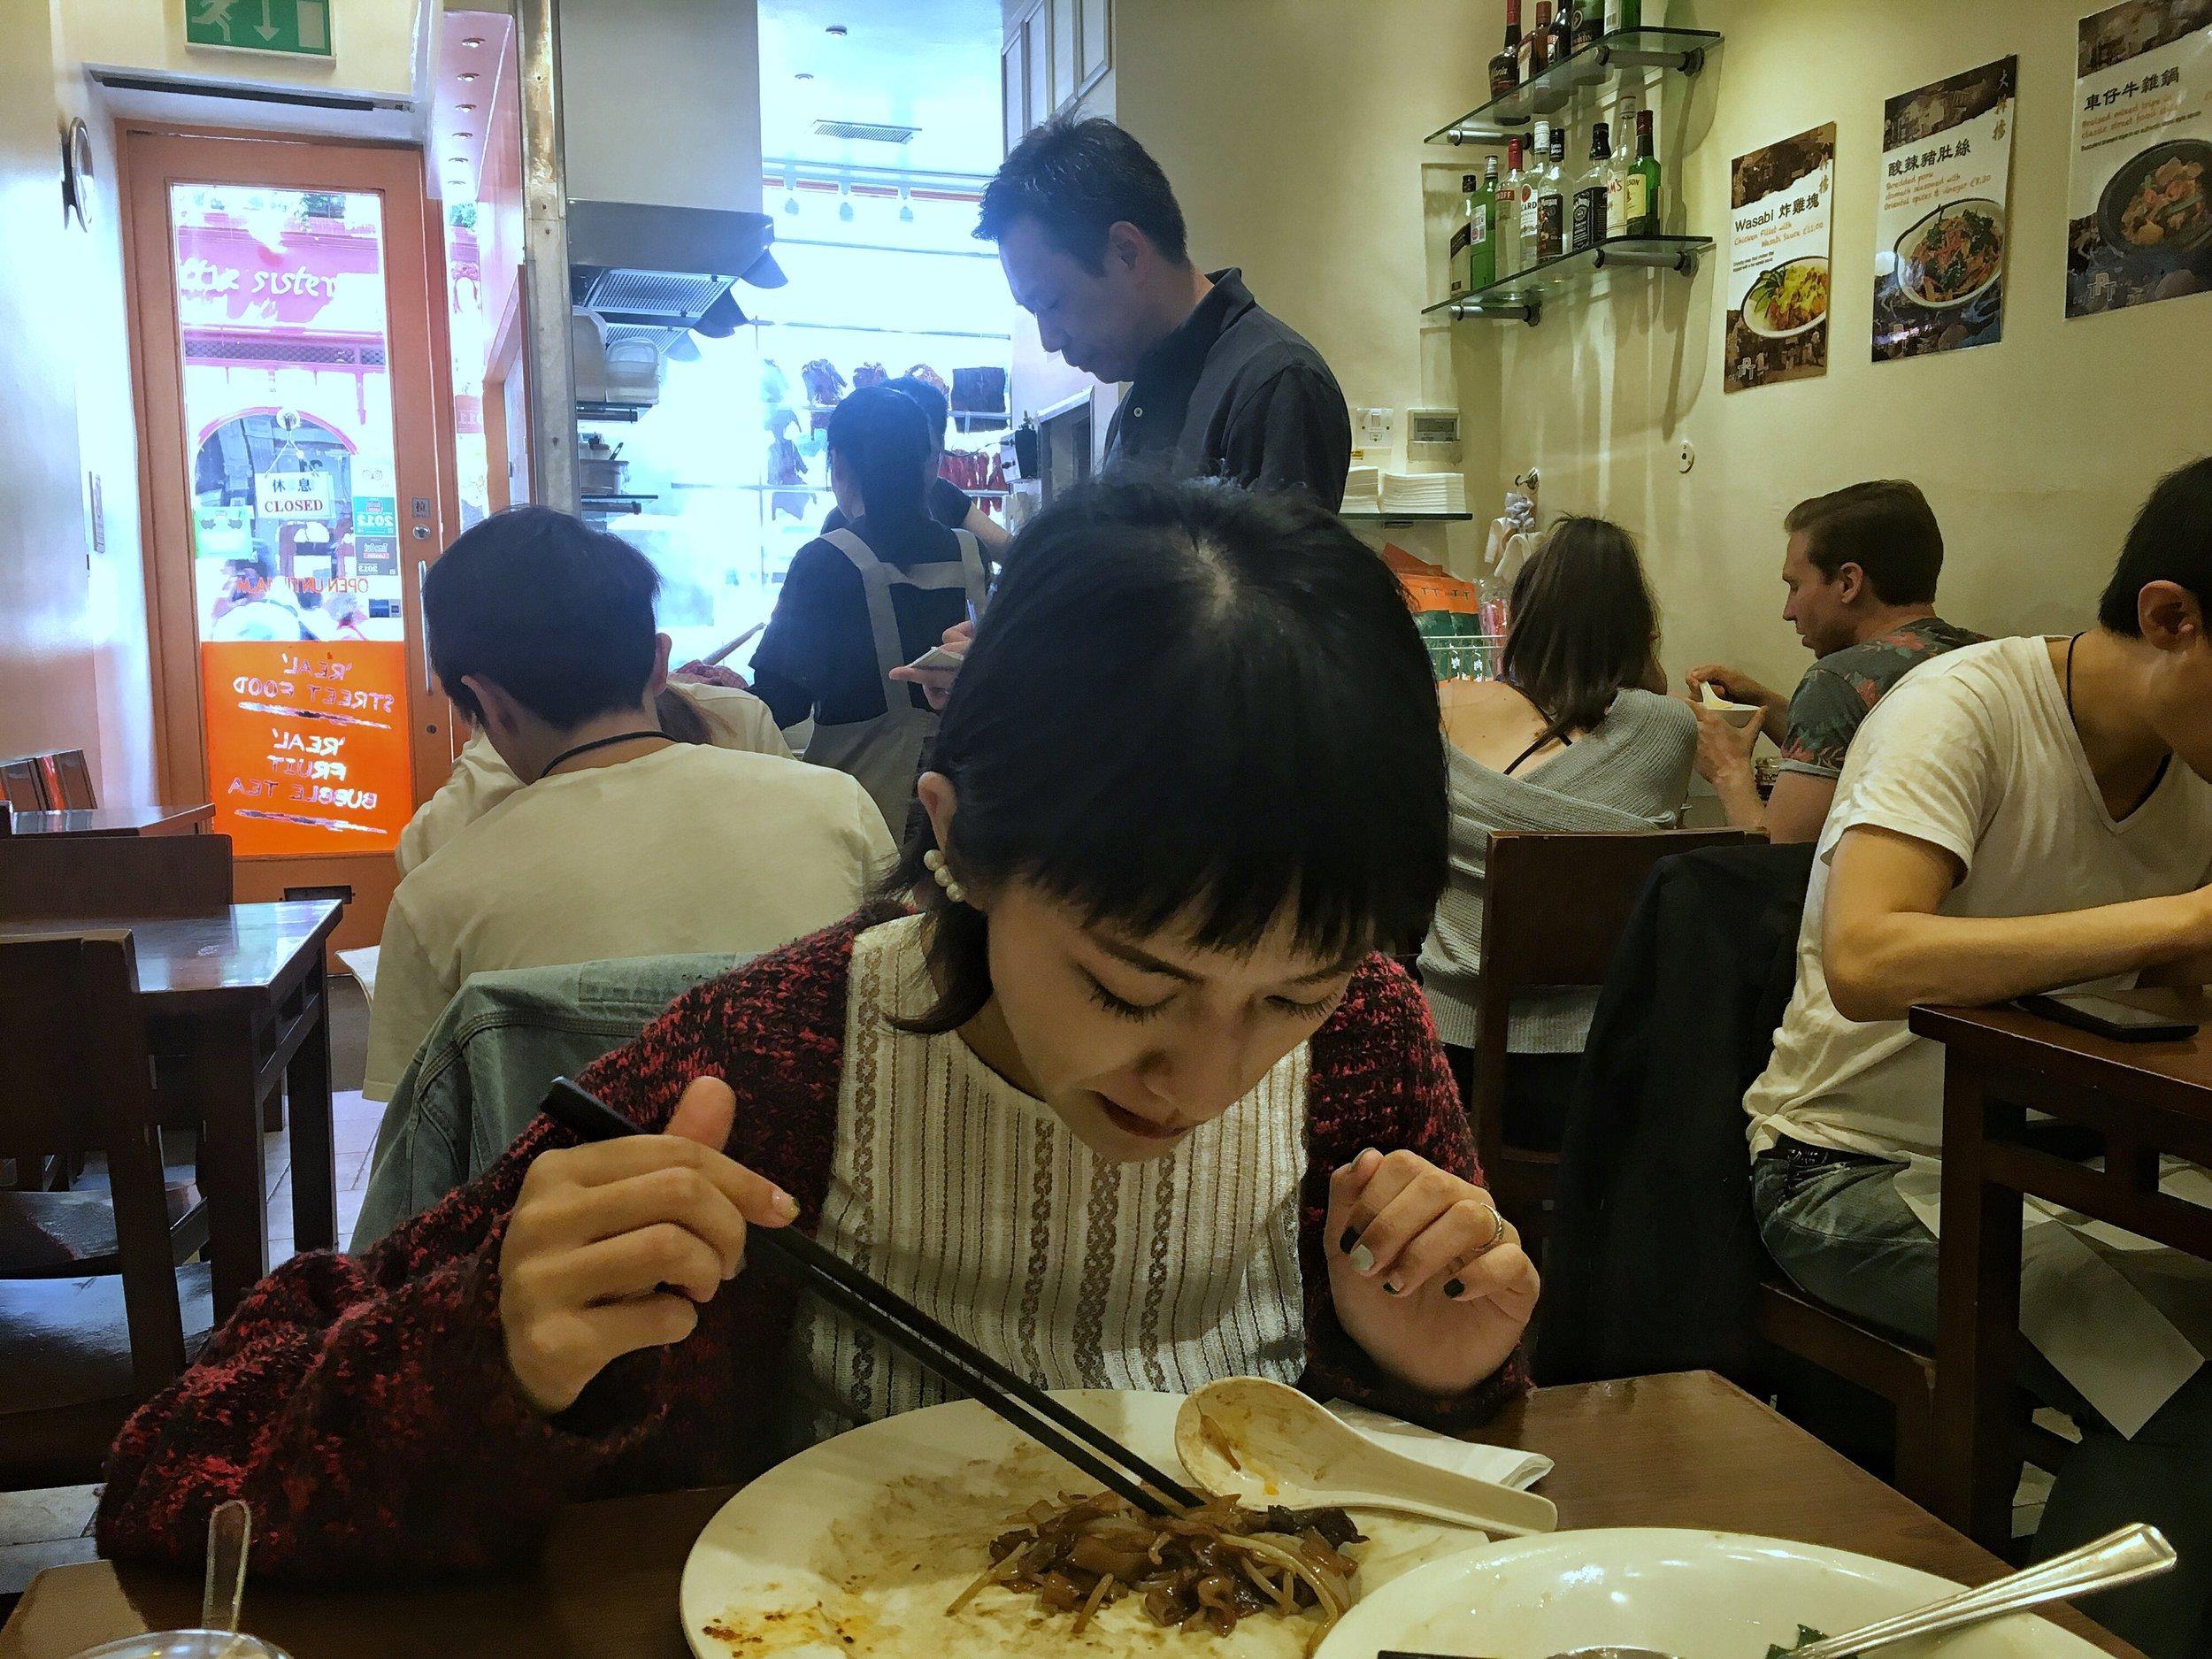 在倫敦時很怕自己回 Canterbury 會餓死,因此幾乎每天都有一餐會到中國城吃中菜,中西平衡~ 但儘管是中菜,還是不對味阿...  (吳桑尼拍這張只是想表達 他吃了12年老闆都沒變)